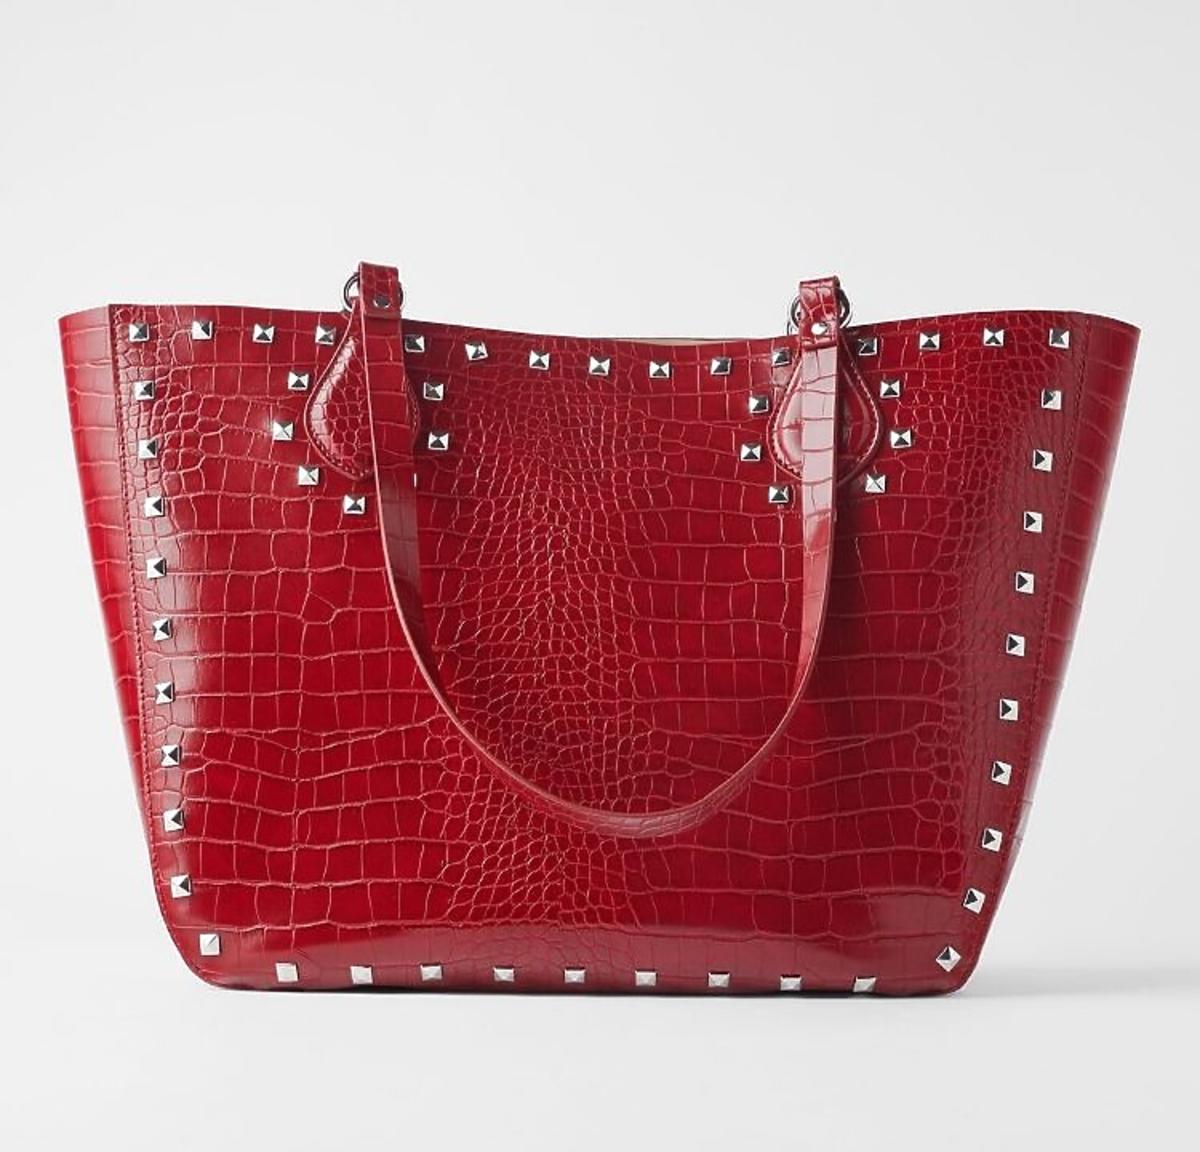 Torba czerwony shopper Zara wyprzedaż